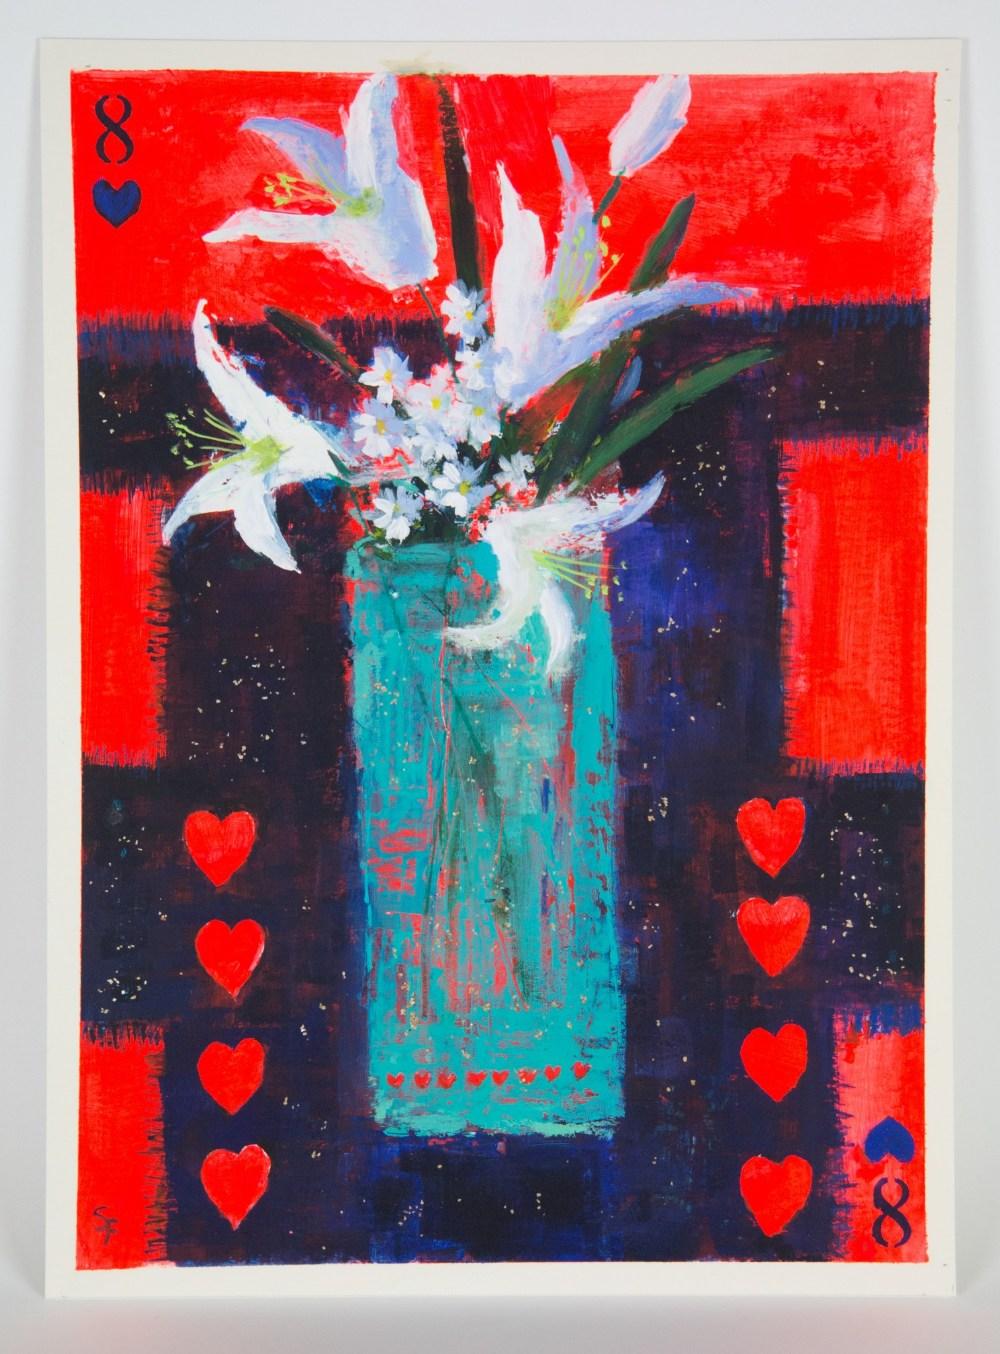 Soraya French (Iranian, b.1957). '8 of Hearts / Lilies on Threadbare Indian Cloth'. Mixed media on